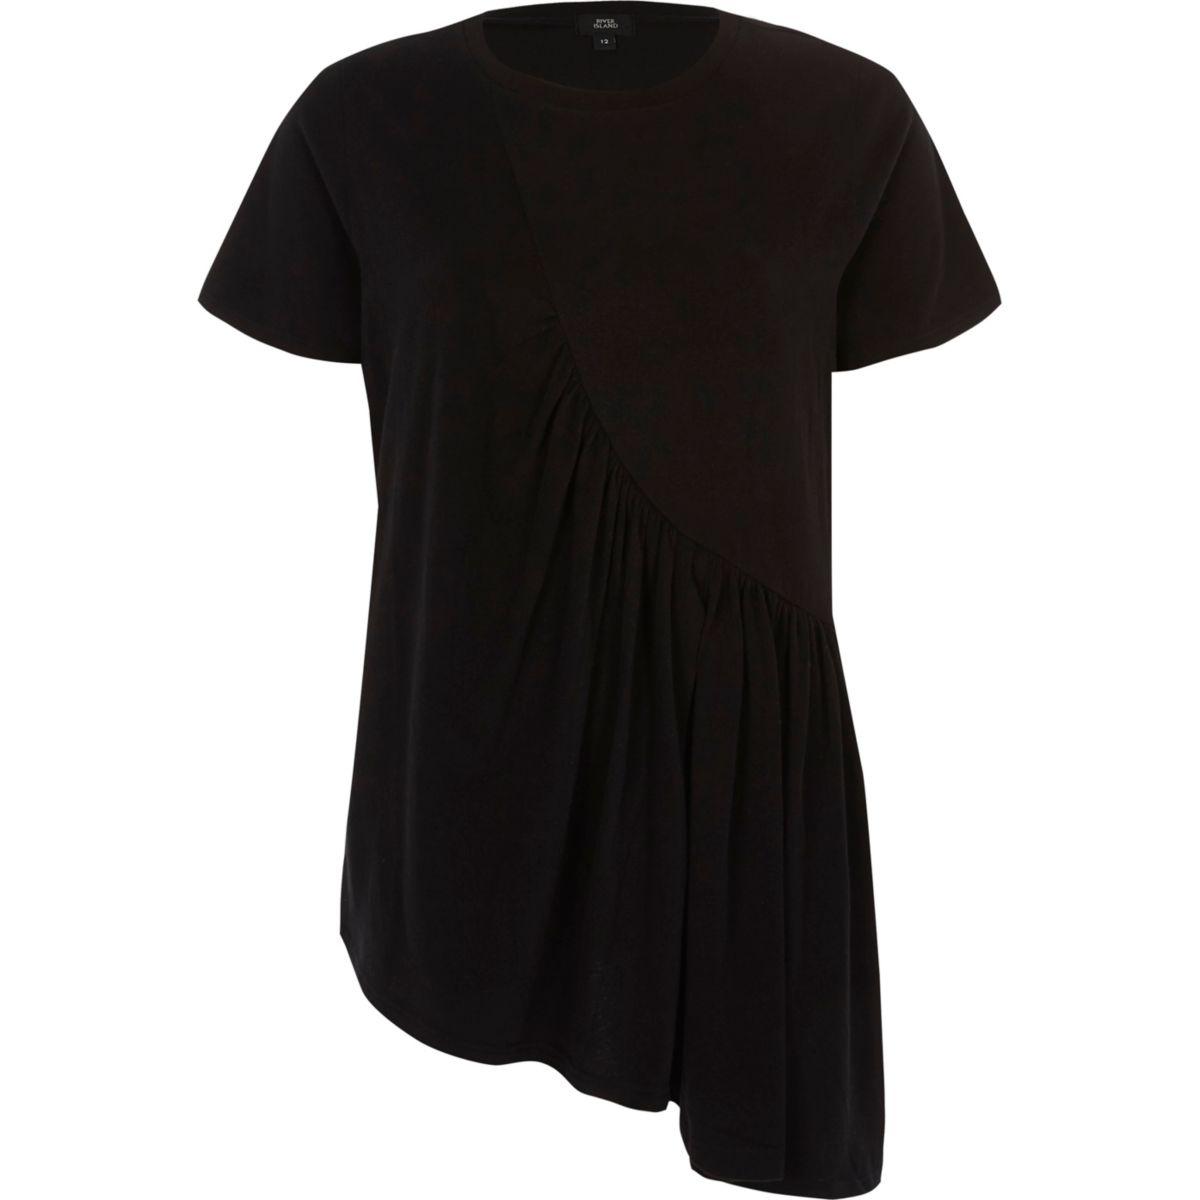 Black ruched asymmetric T-shirt